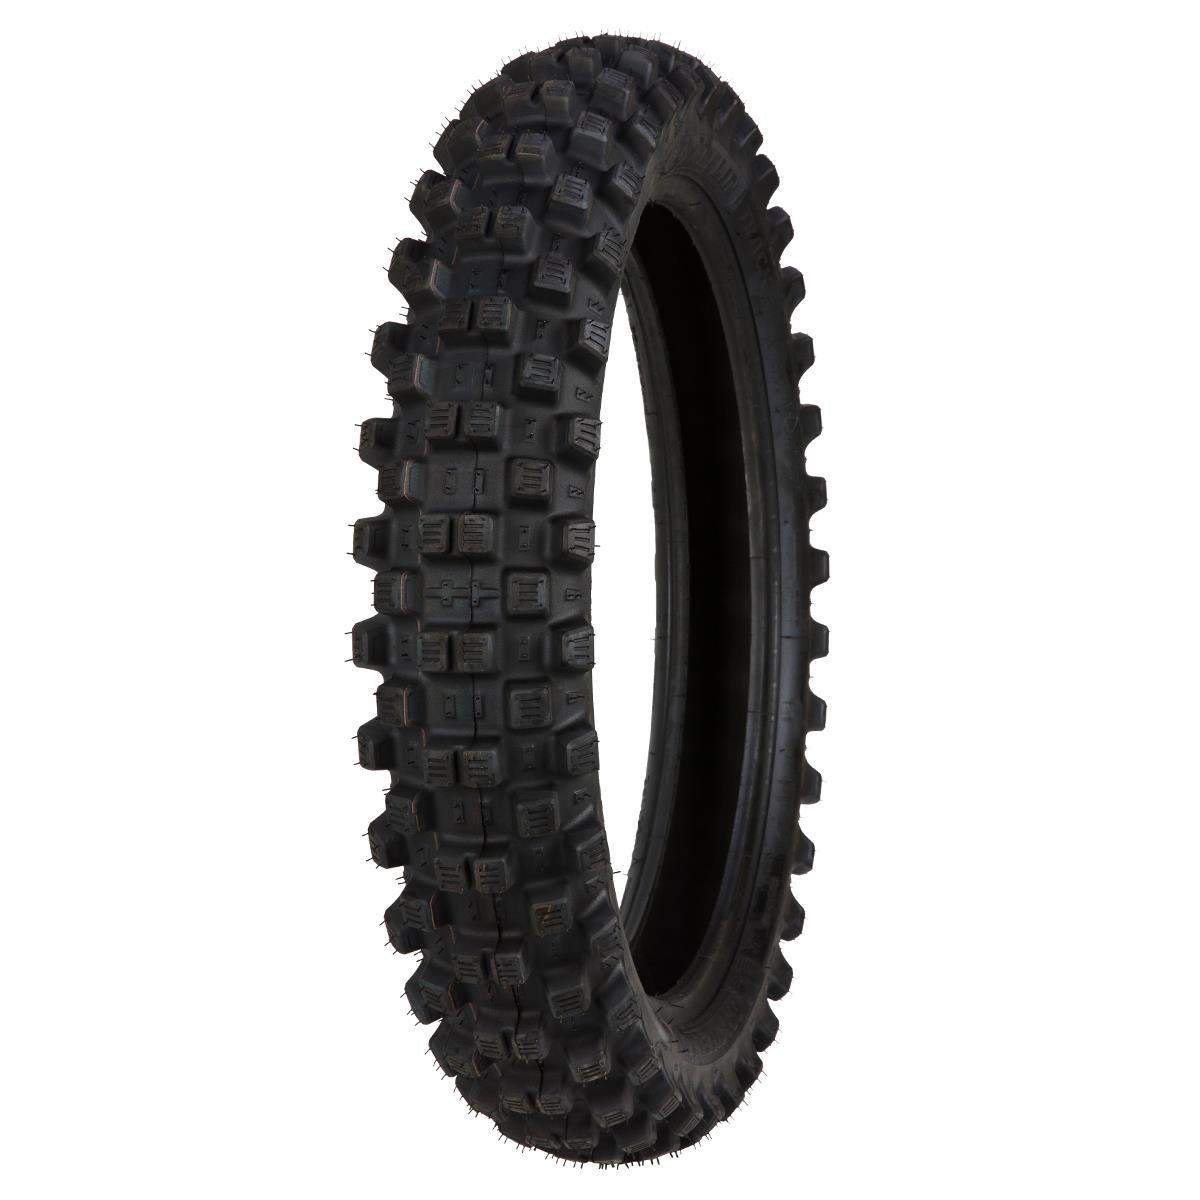 Michelin Hinterradreifen Tracker 110/90-19, FIM zugelassen